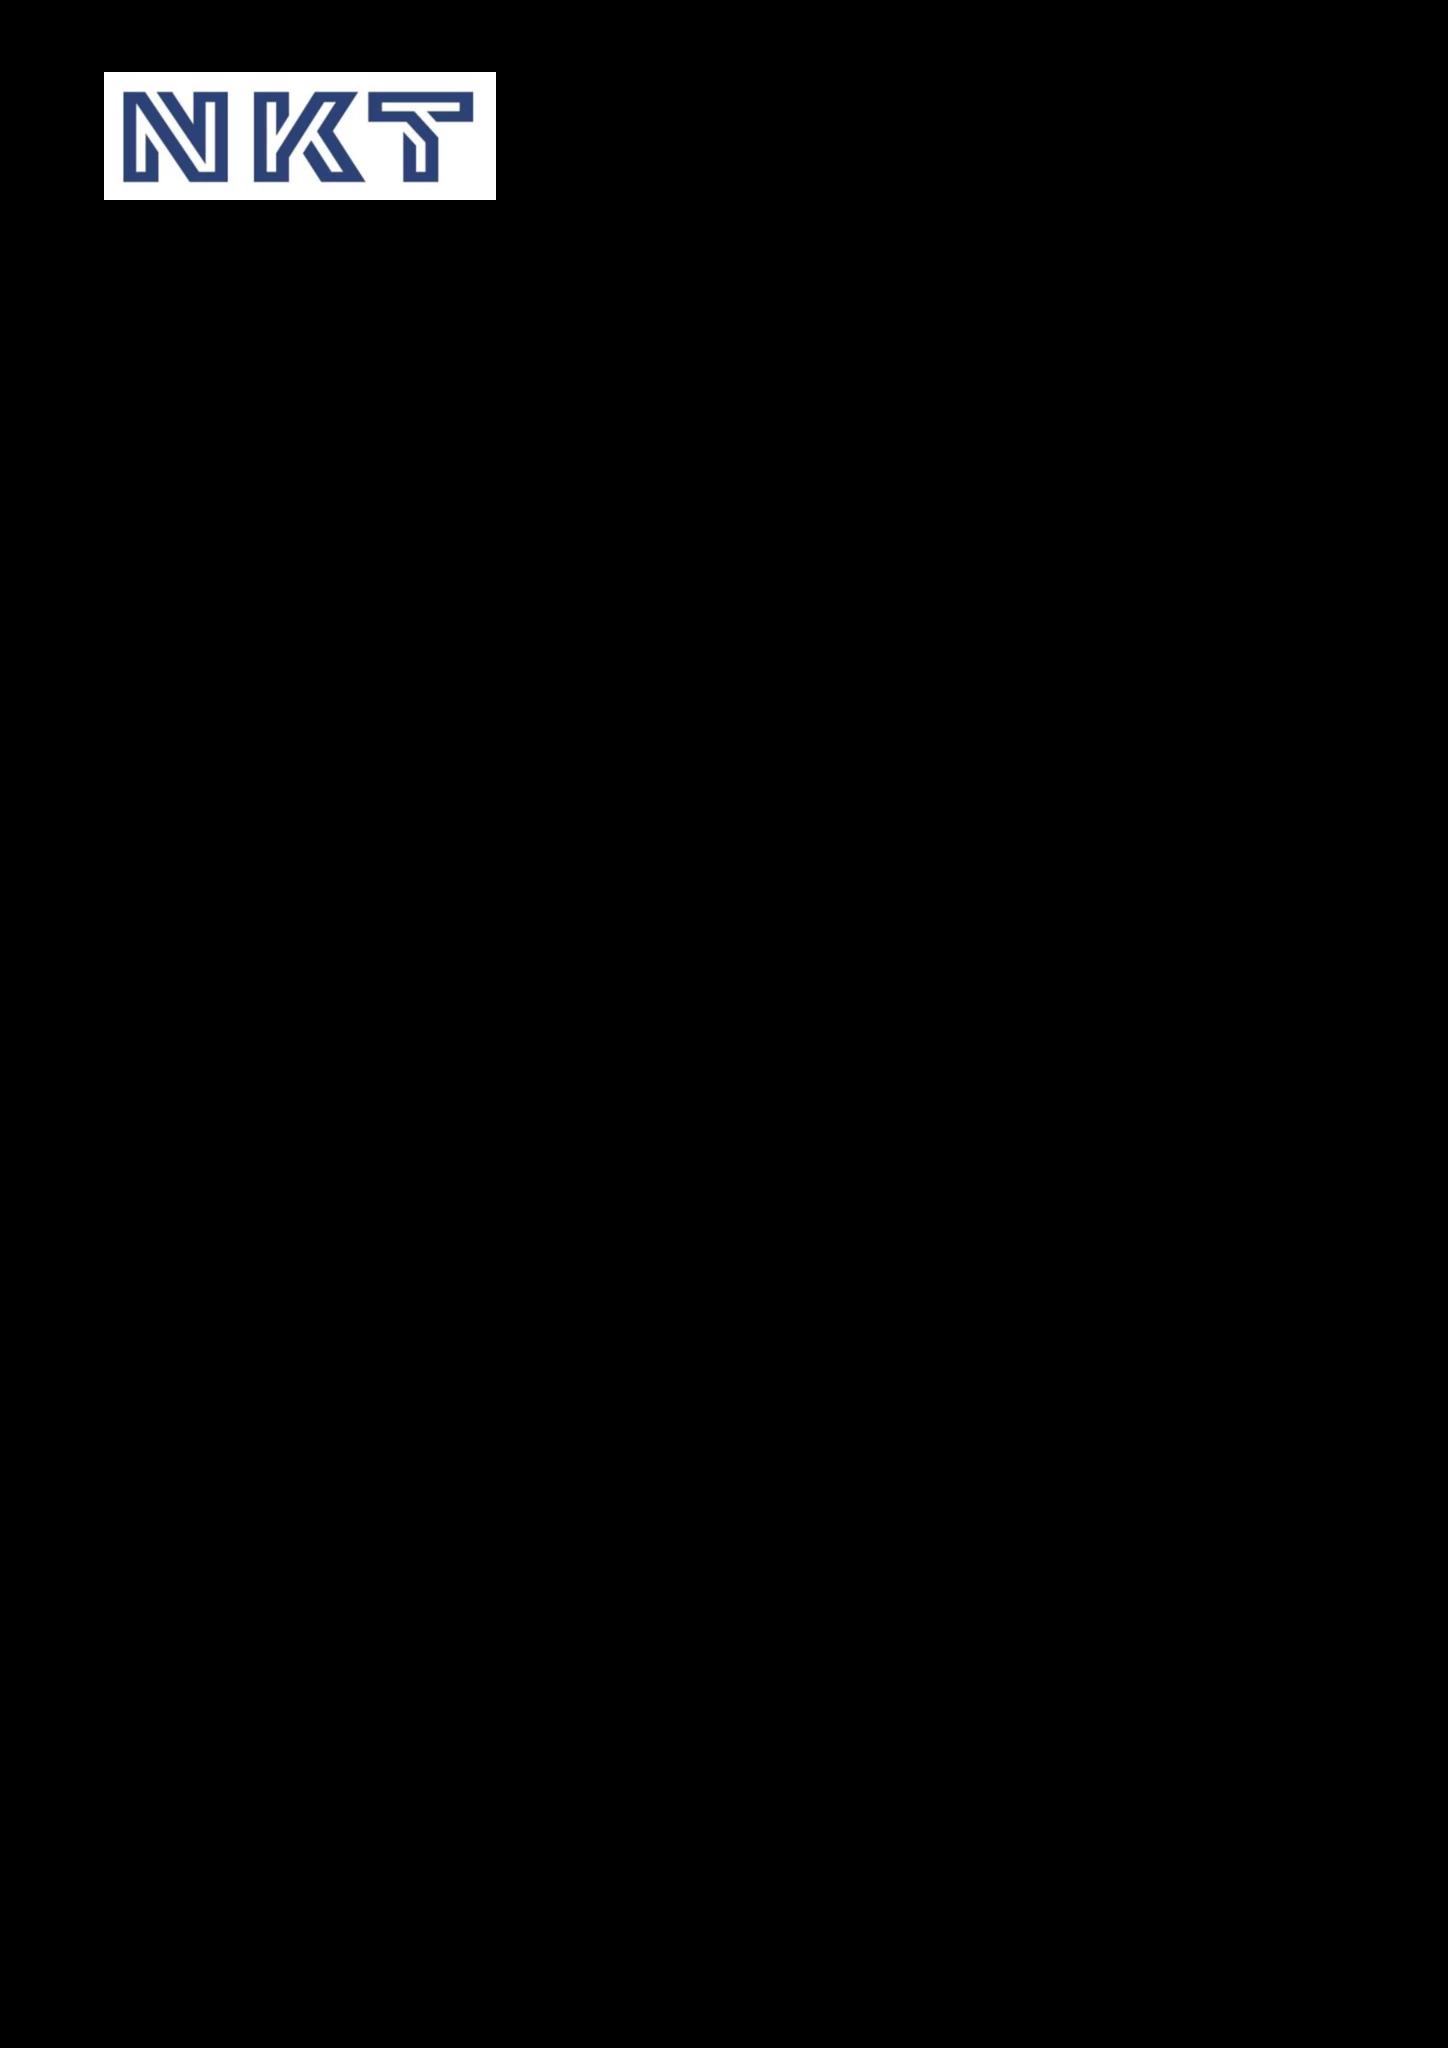 Reklamacni_rad_NKT_2011-11-01.pdf